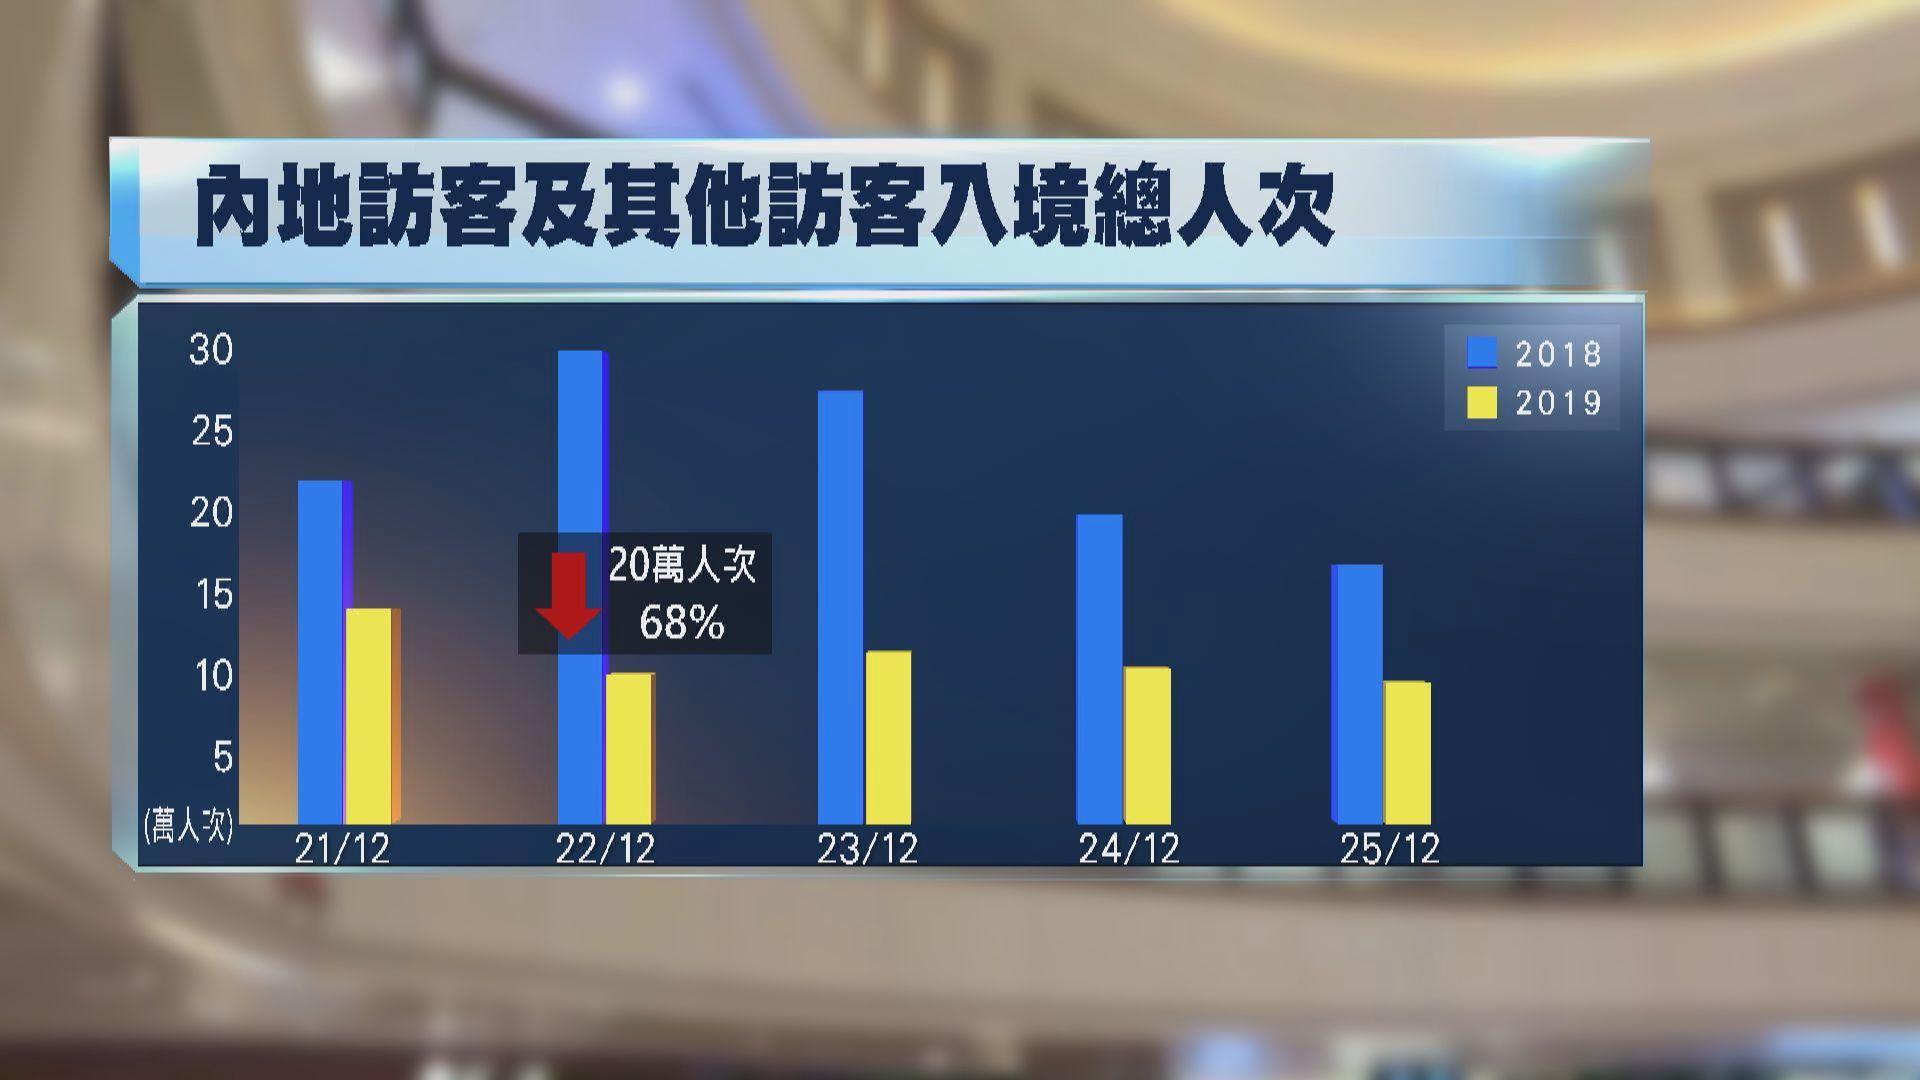 聖誕假期訪港旅客比去年跌近五成 內地客跌幅顯著